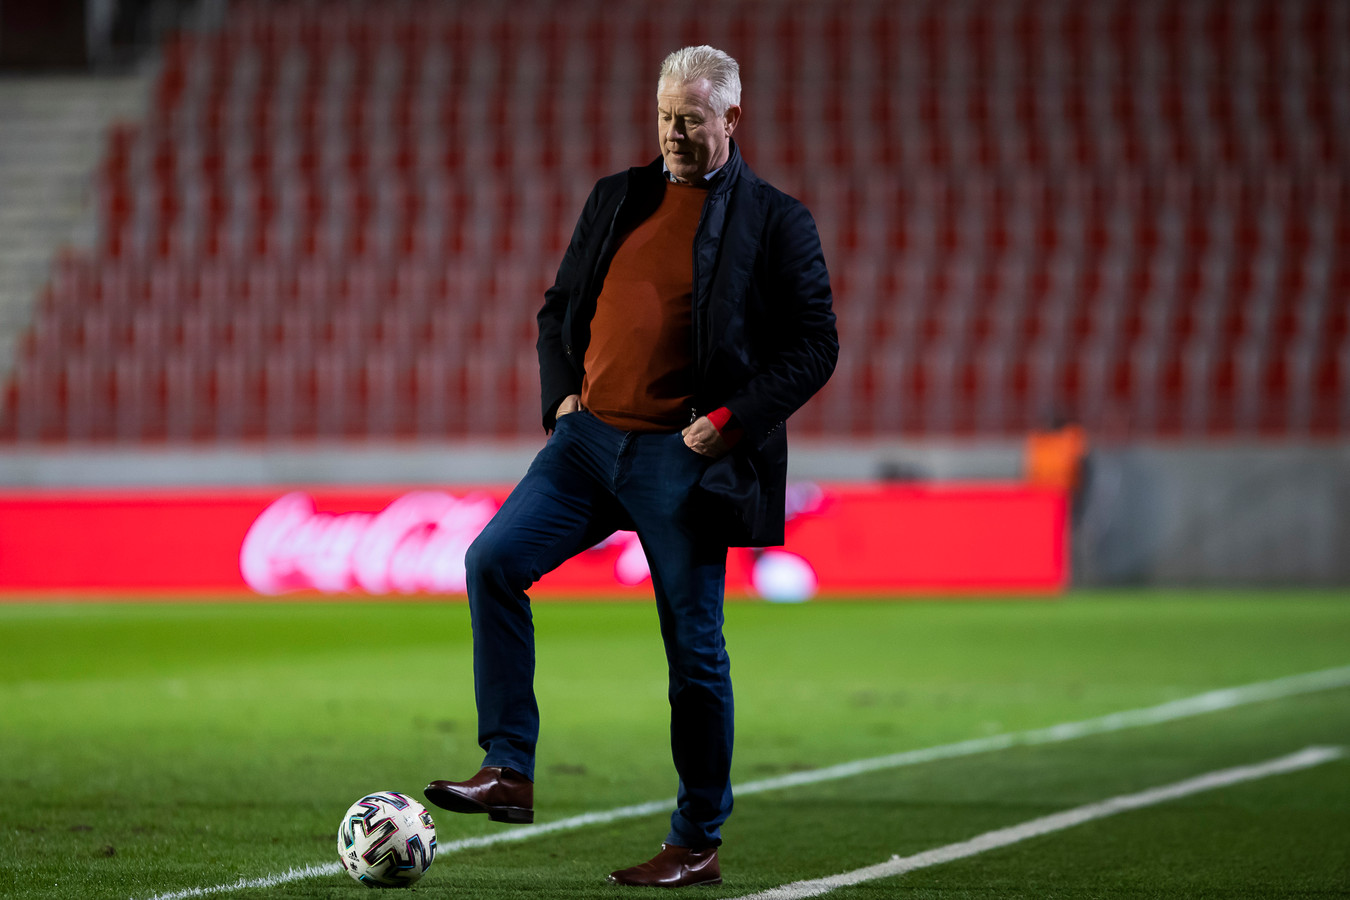 Een ontspannen Peter Maes, zo lijkt het. Maar ook hij zal wel beseffen dat er voor STVV tegen Eupen heel wat op het spel staat.